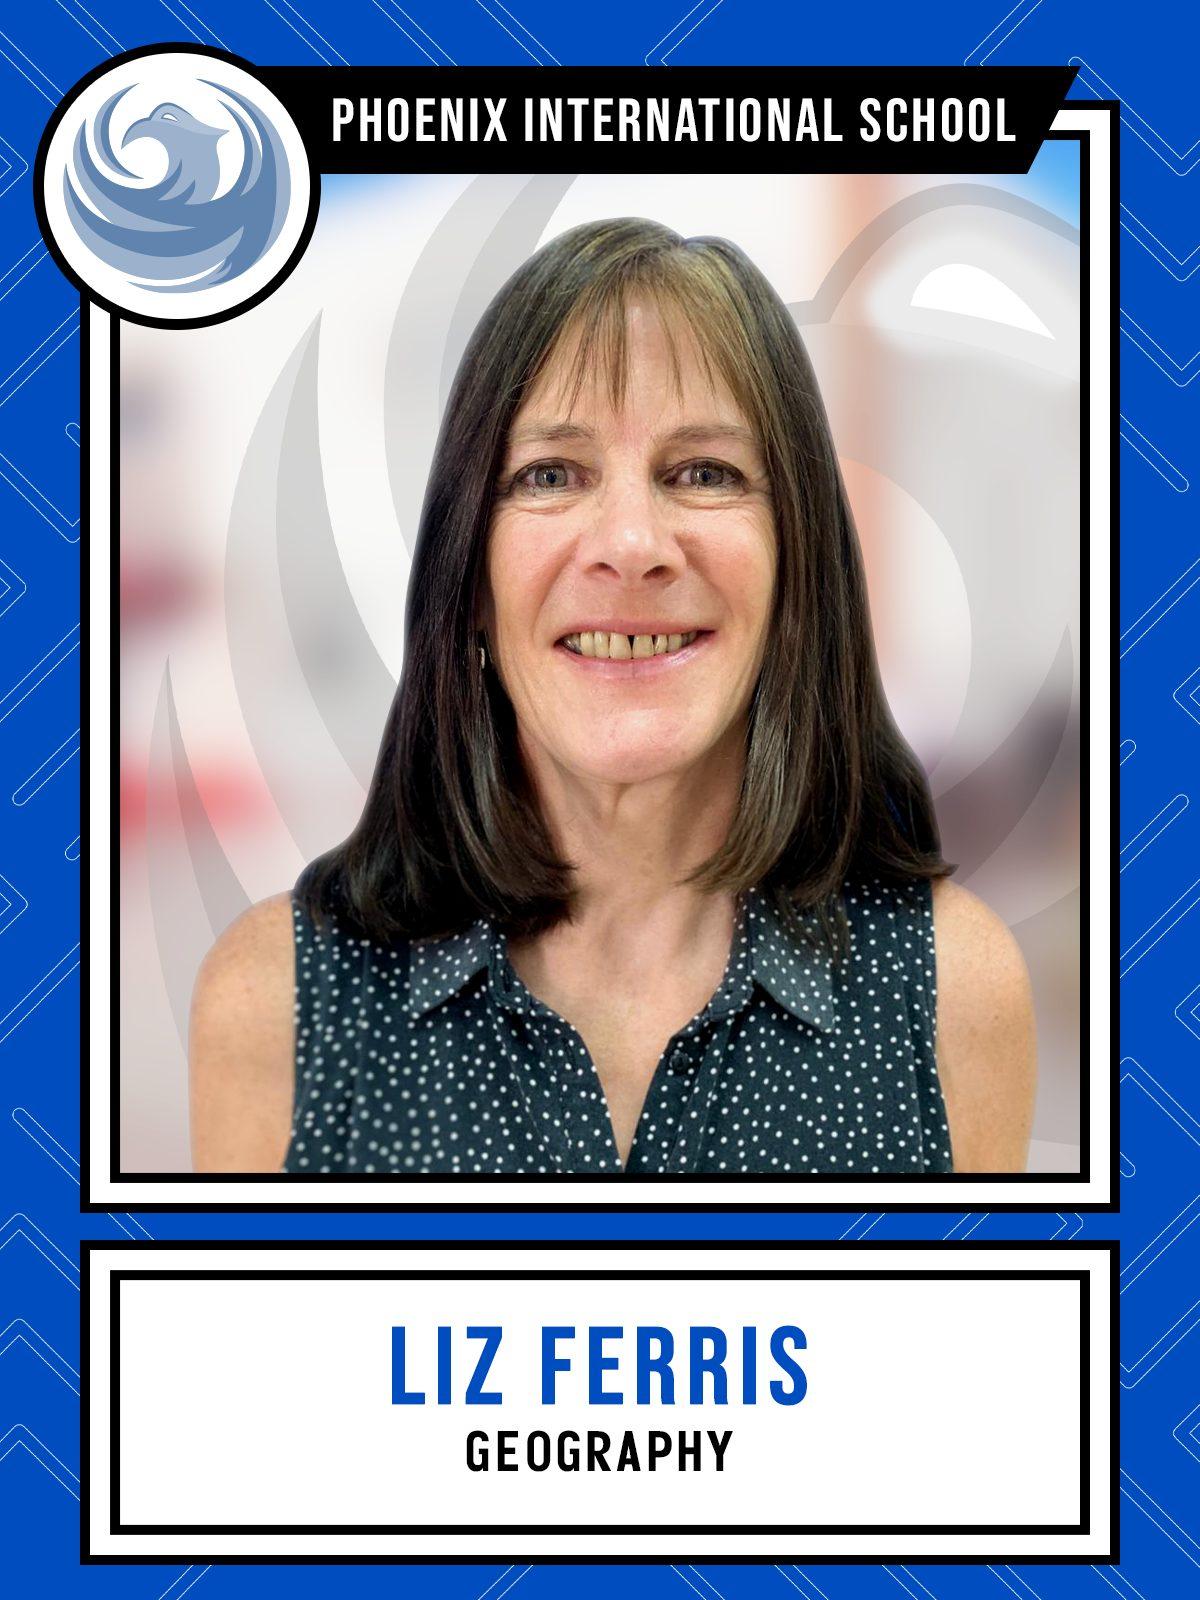 Liz Ferris - Geography